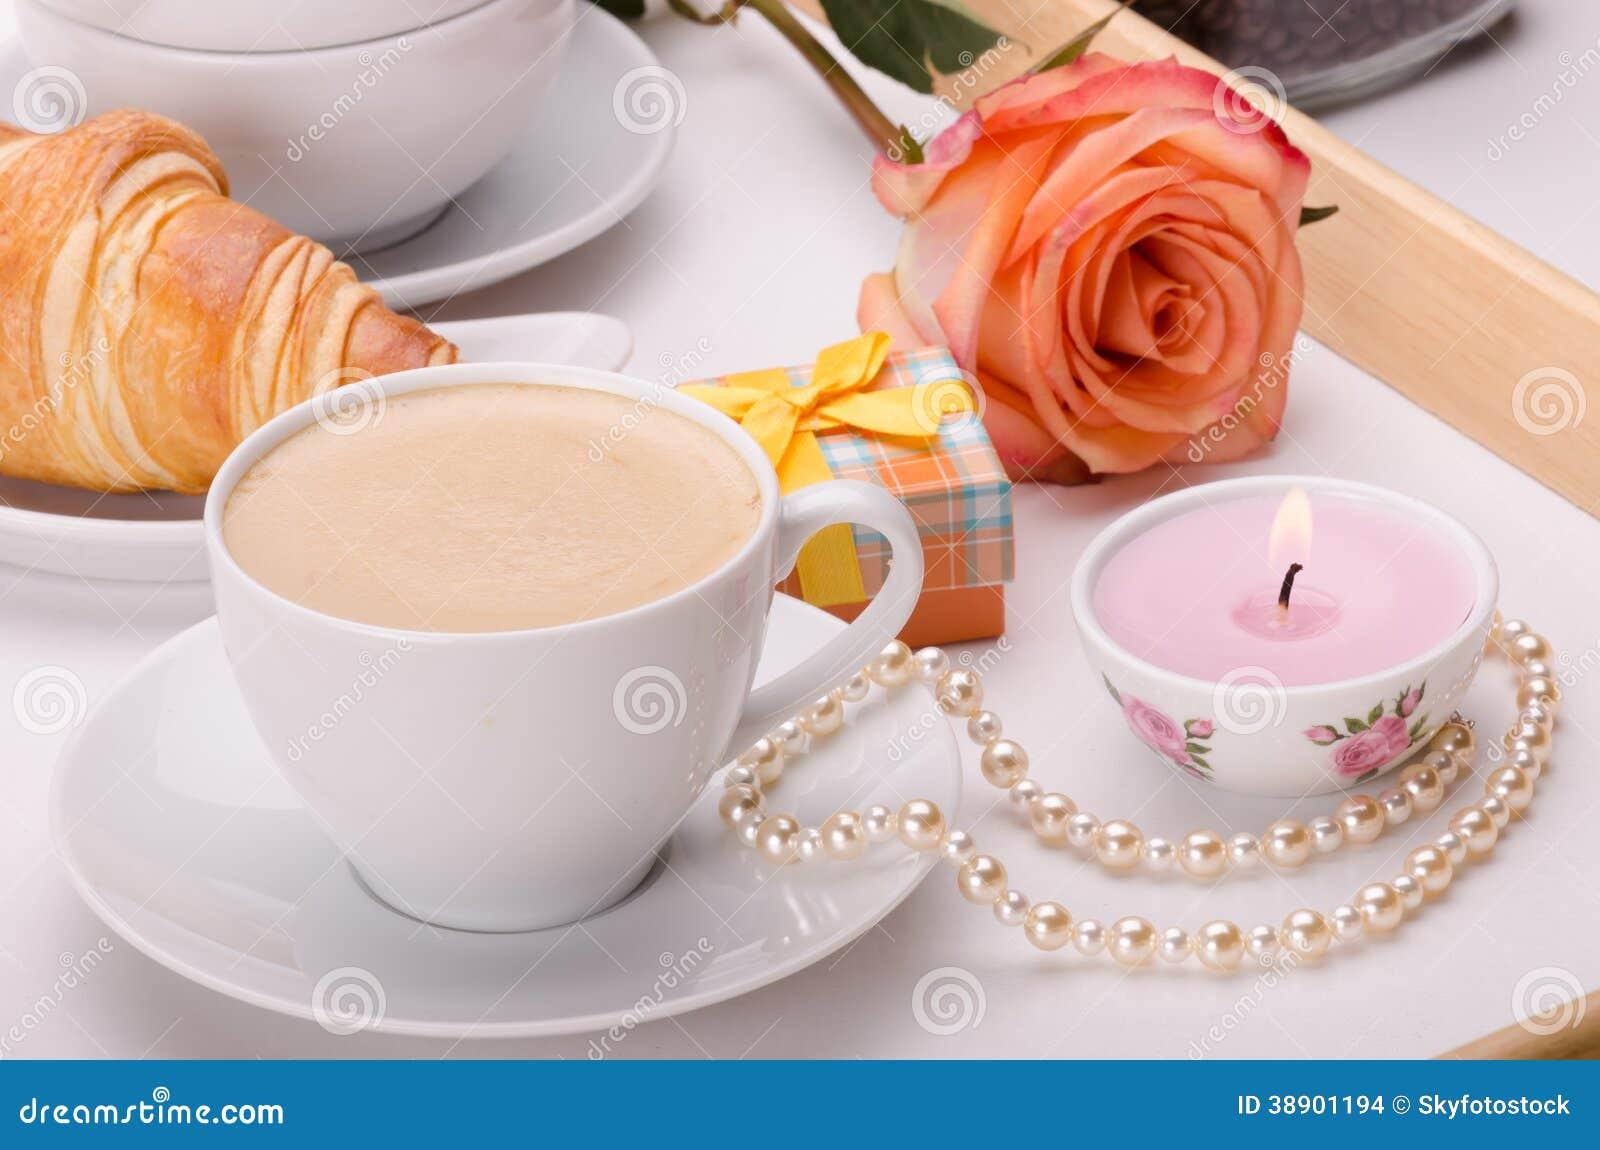 Petit d jeuner avec amour photo stock image 38901194 for Petit dejeuner en amoureux maison